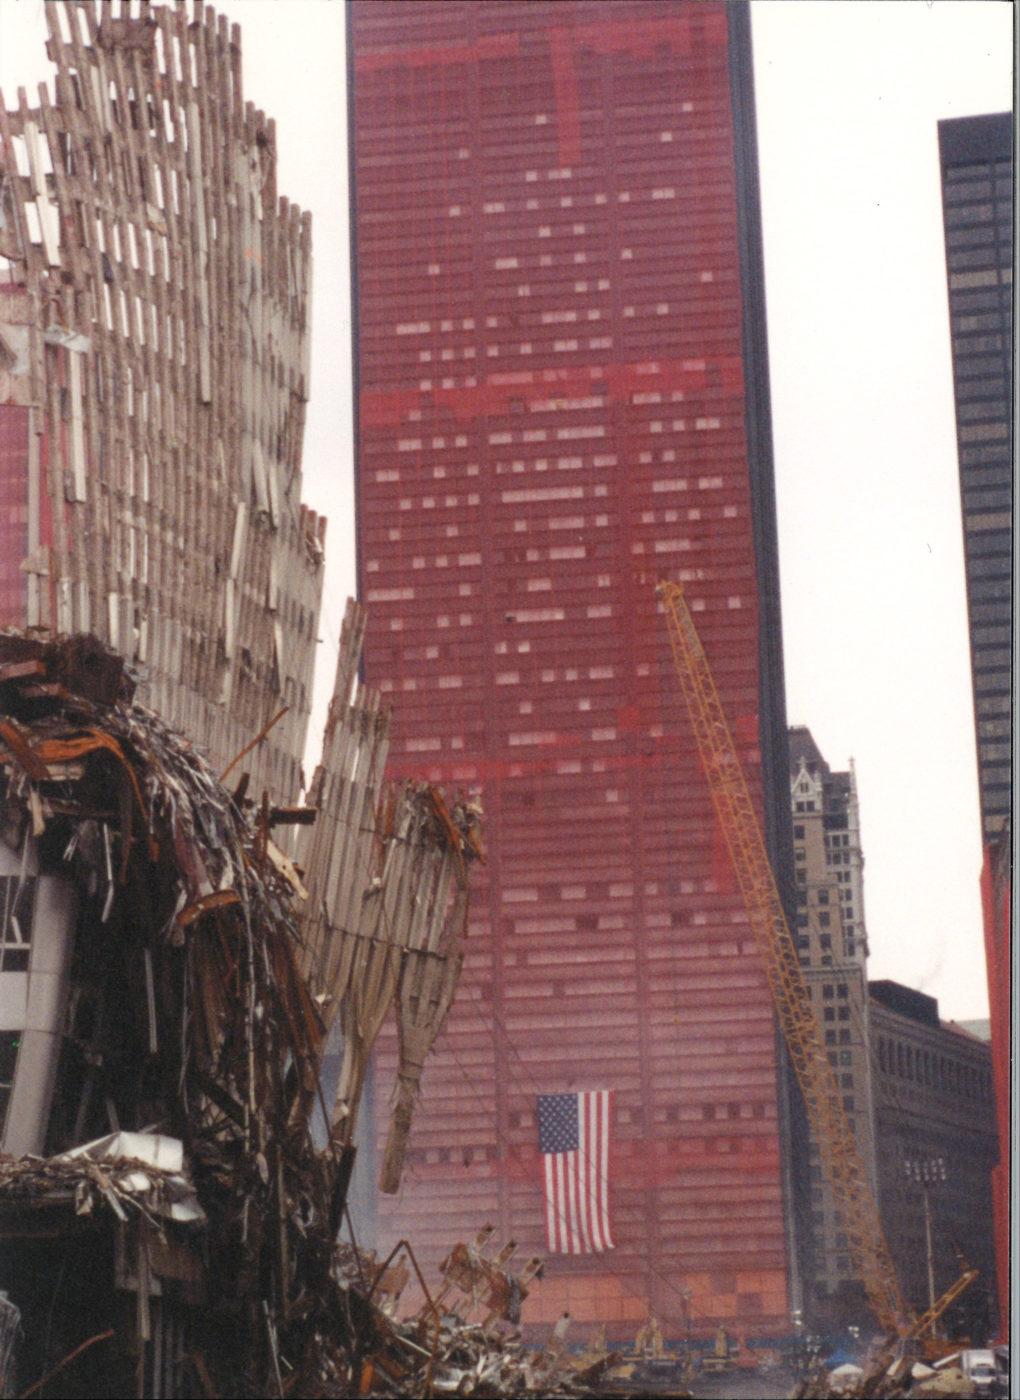 Falling Exoskeleton with Sheathed One Liberty Plaza Behind